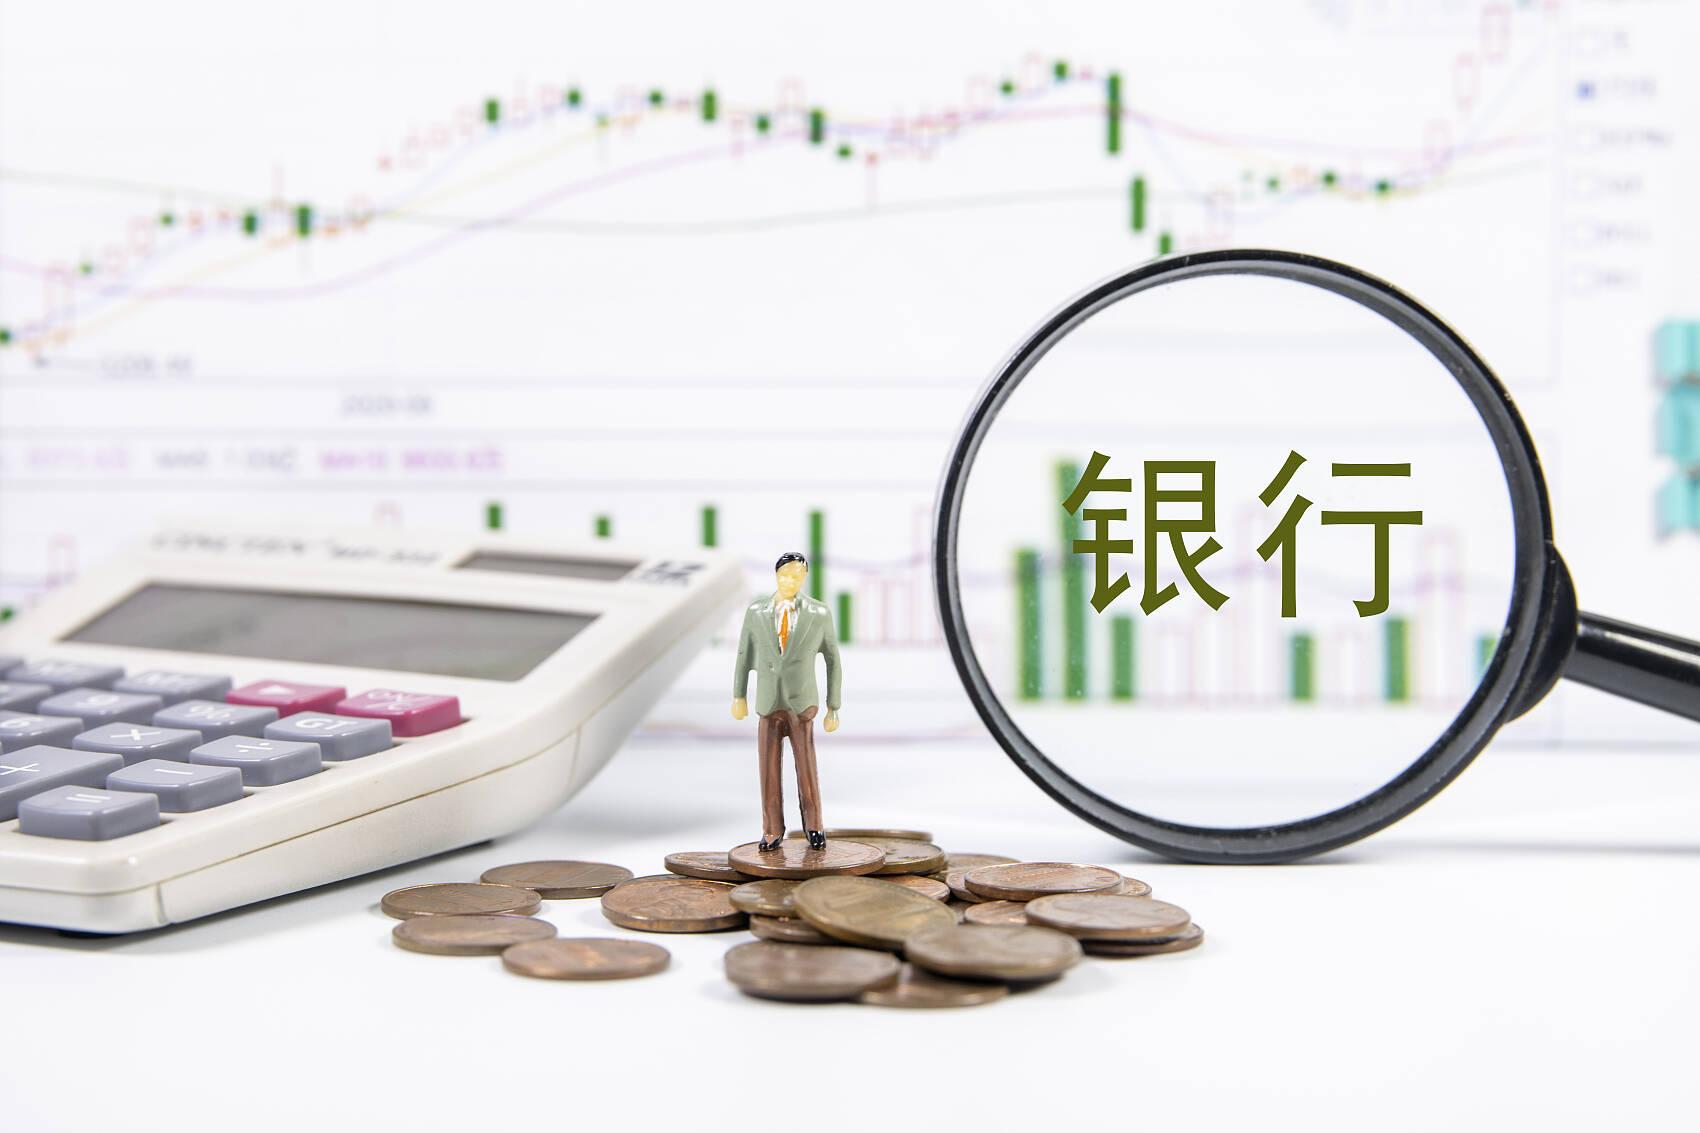 财看闪电|2021年中国银行业百强出炉:山东上榜5家